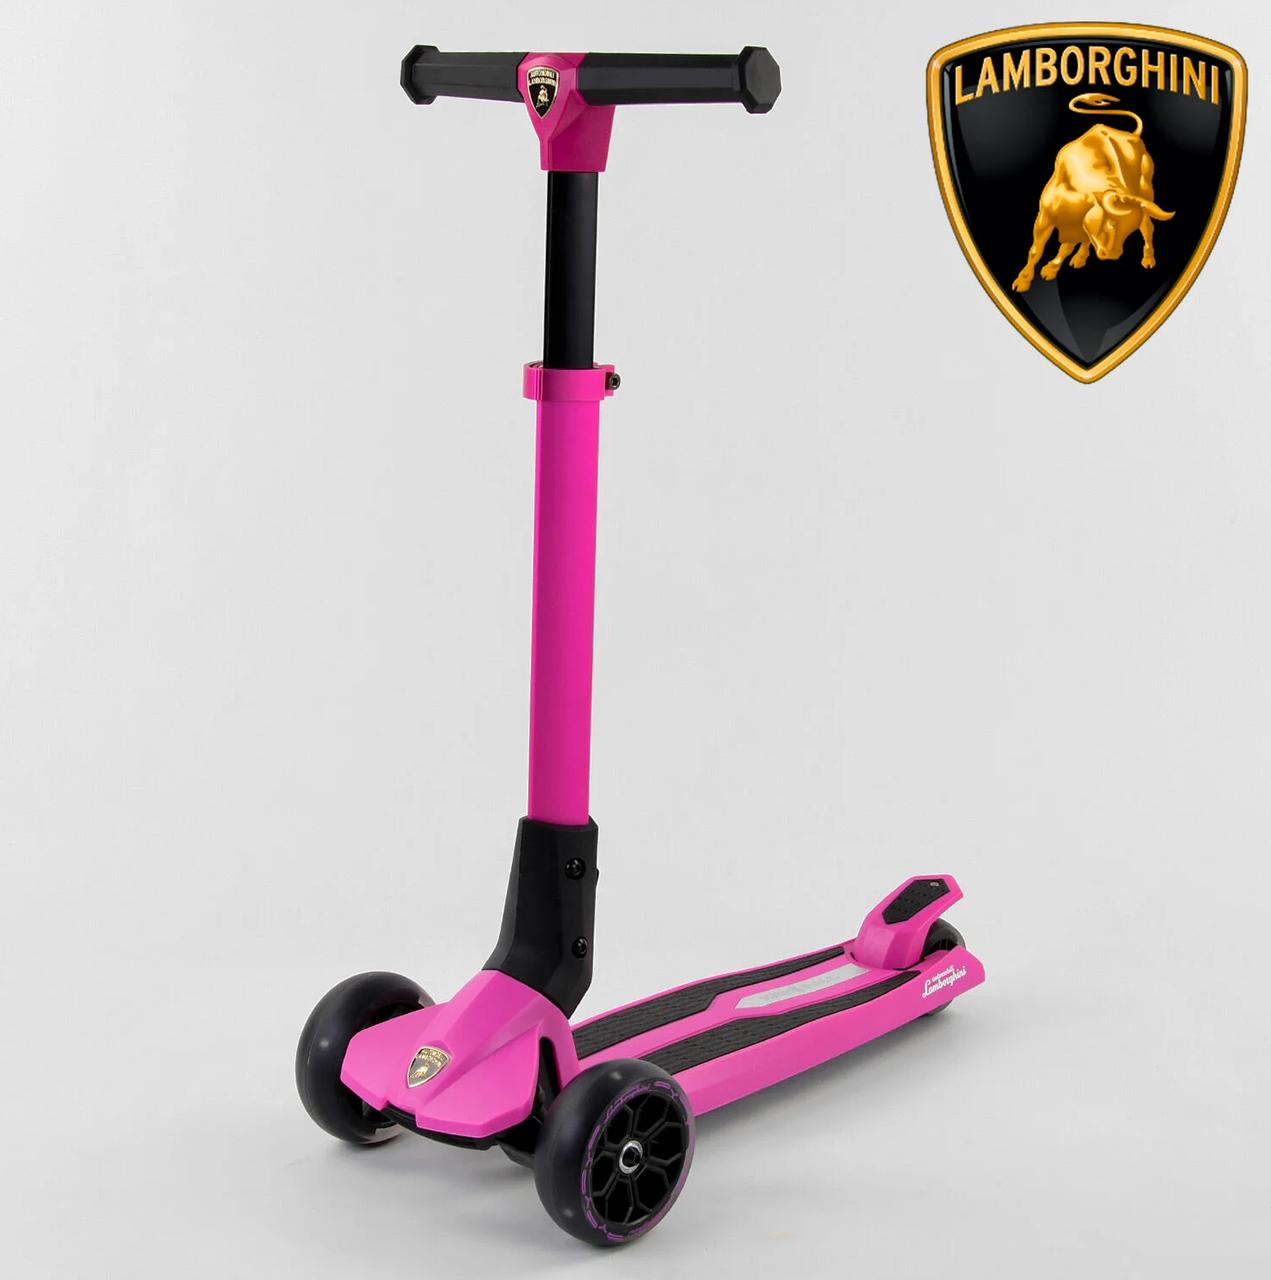 Самокат детский Lamborghini трехколесный LB - 30400 розовый